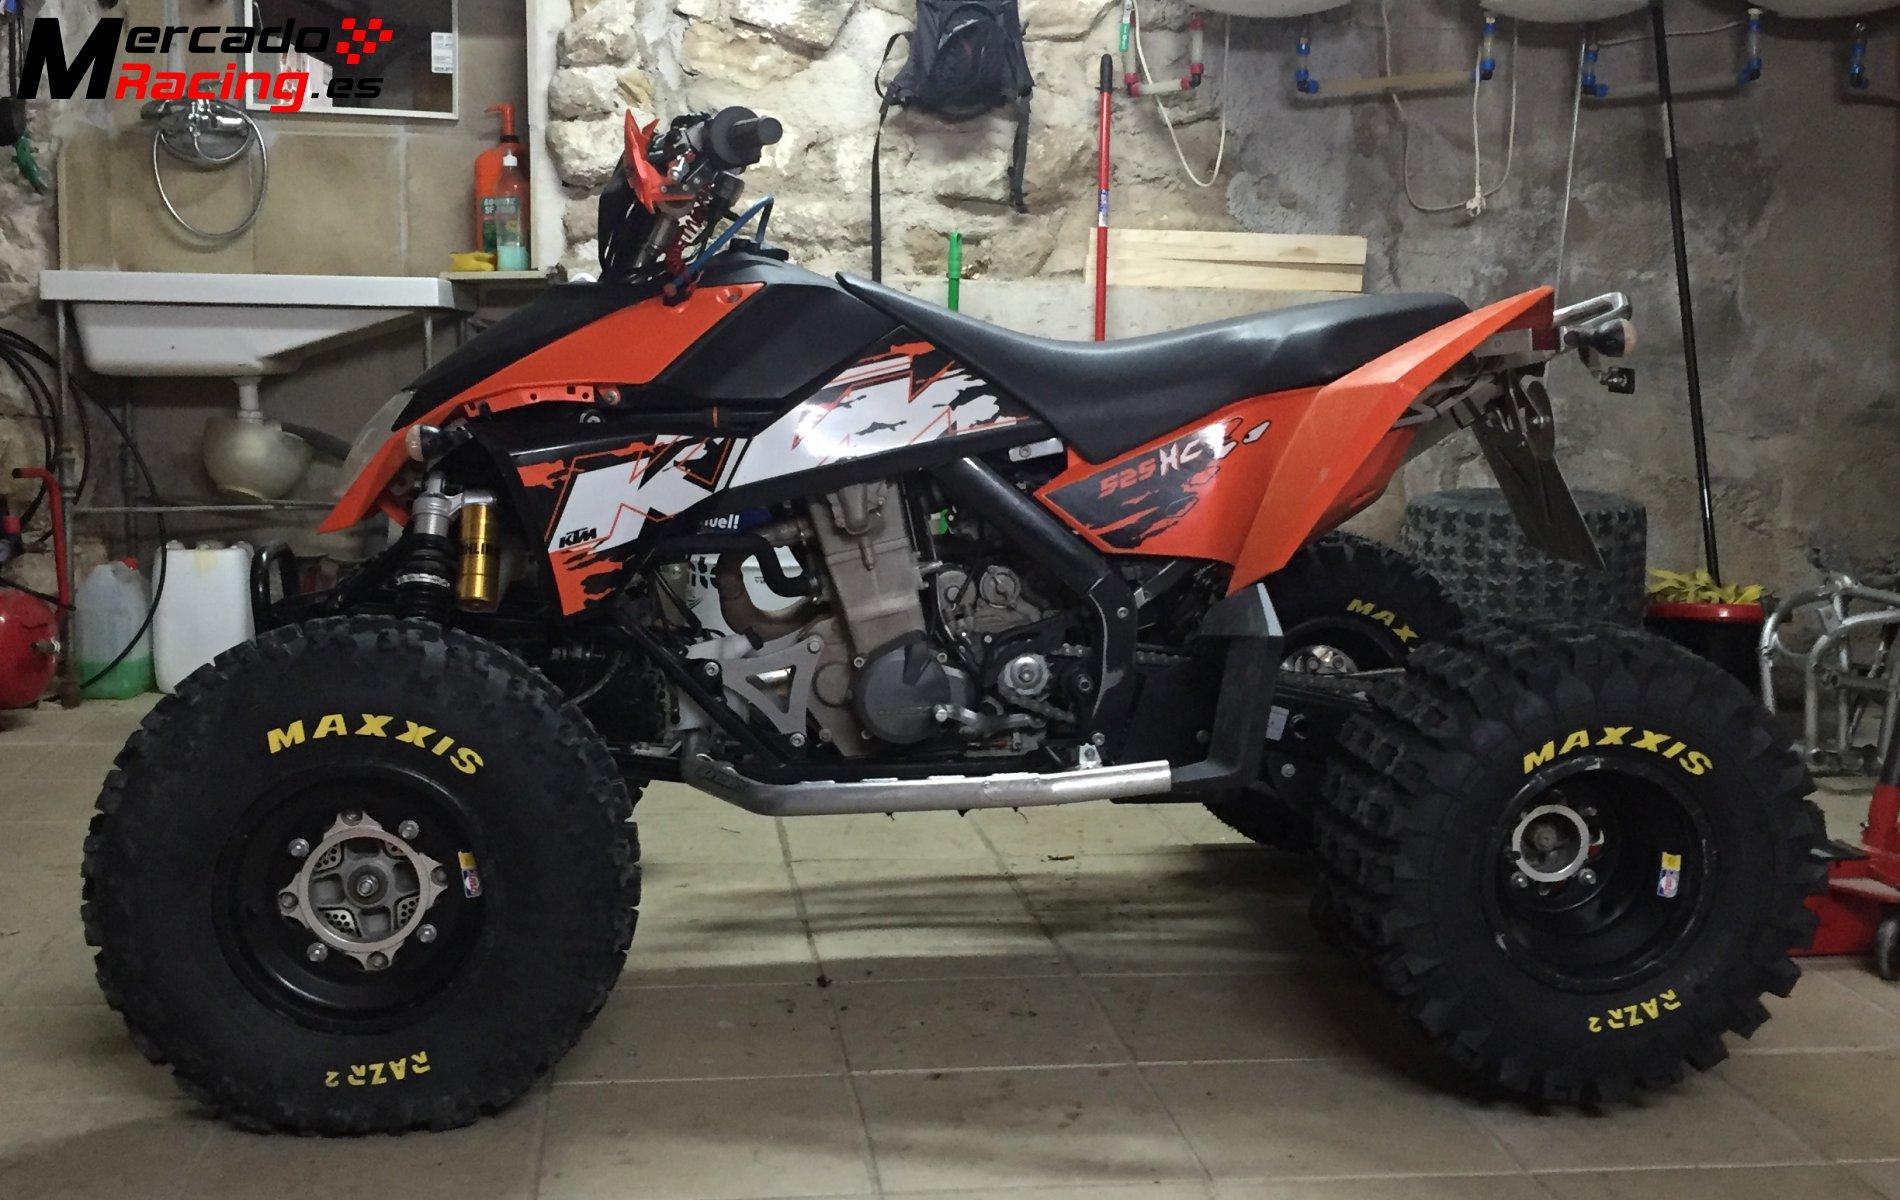 Quad Ktm 525 – Alles über Motorrad Bildideen